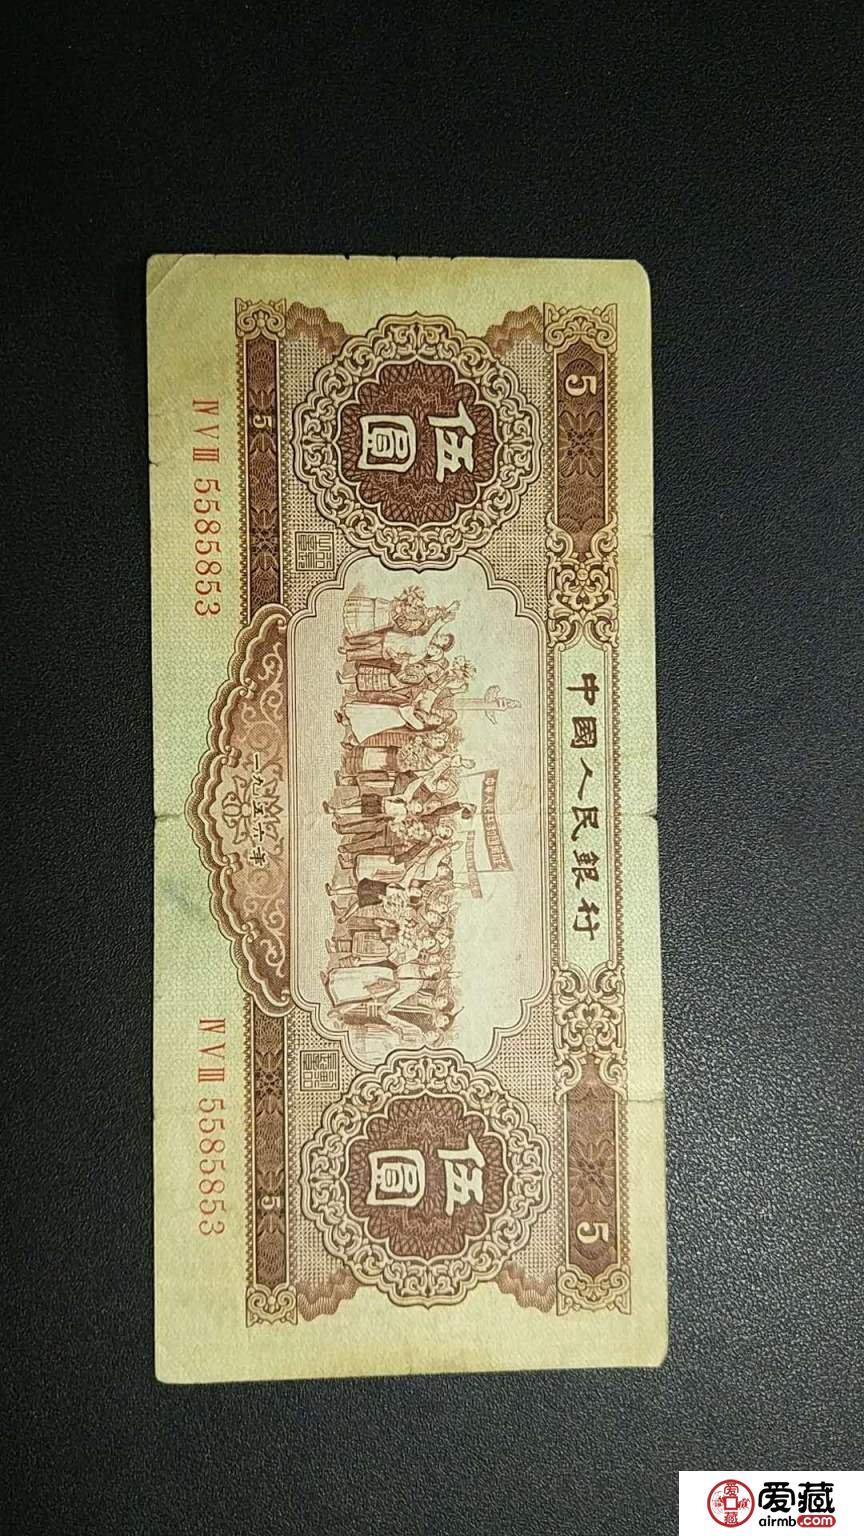 1953年5元人民币值多少钱,1953年5元人民币最新价格表